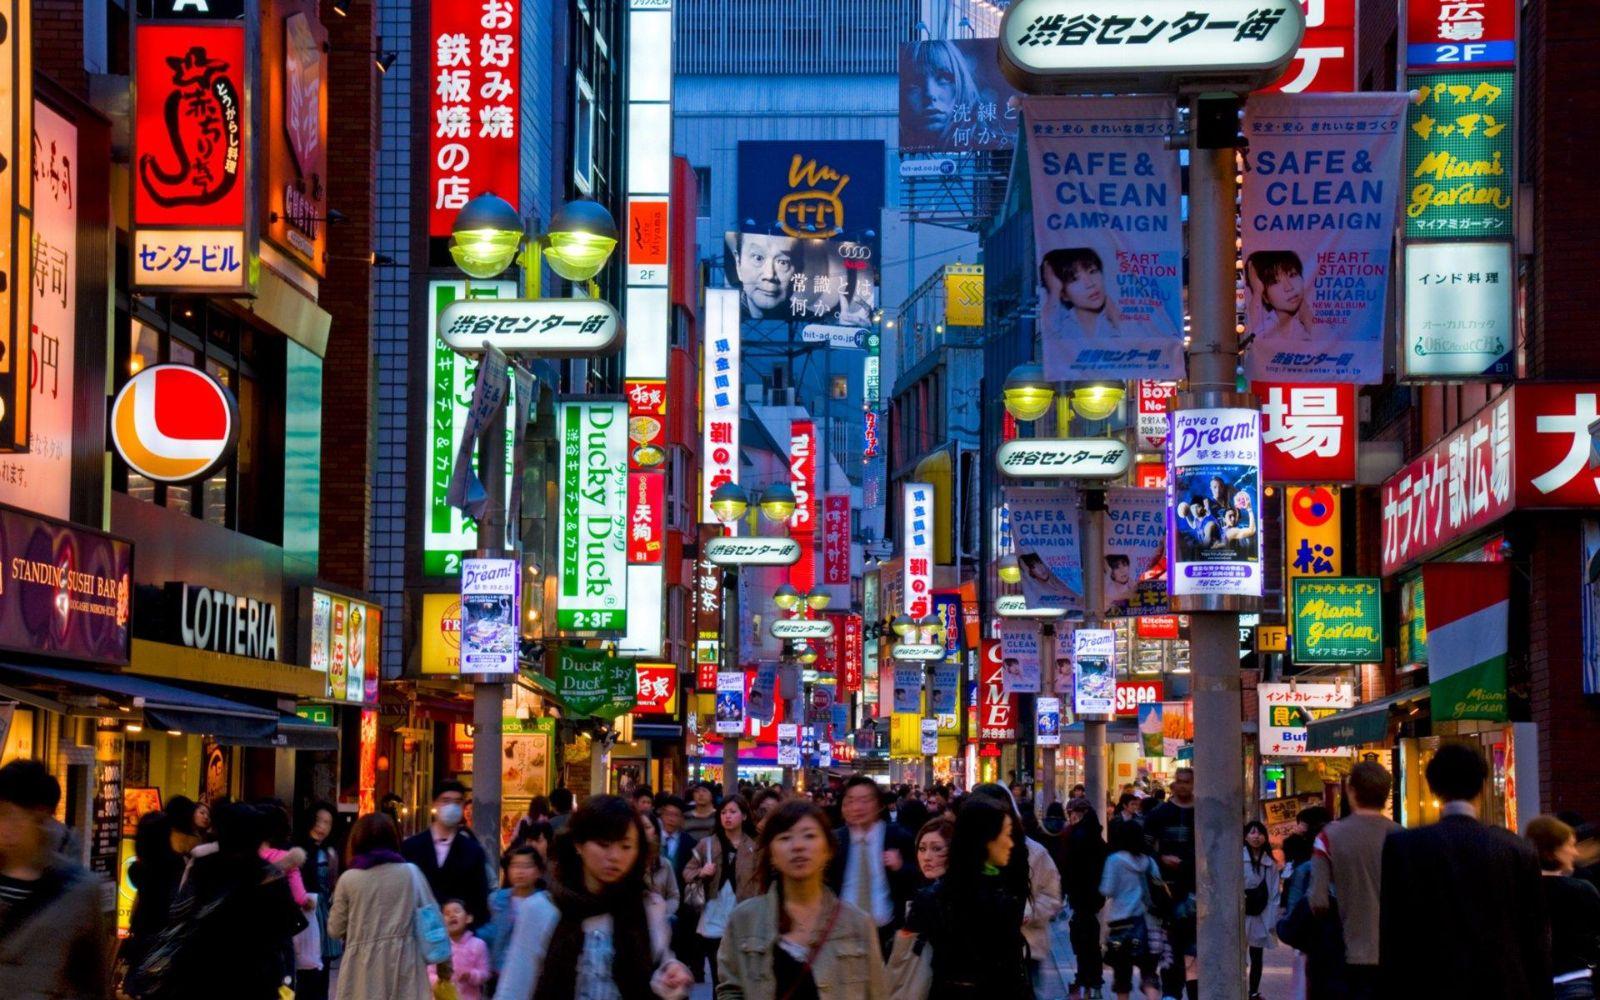 日本经济温和扩张 央行再度延后通胀目标实现时期